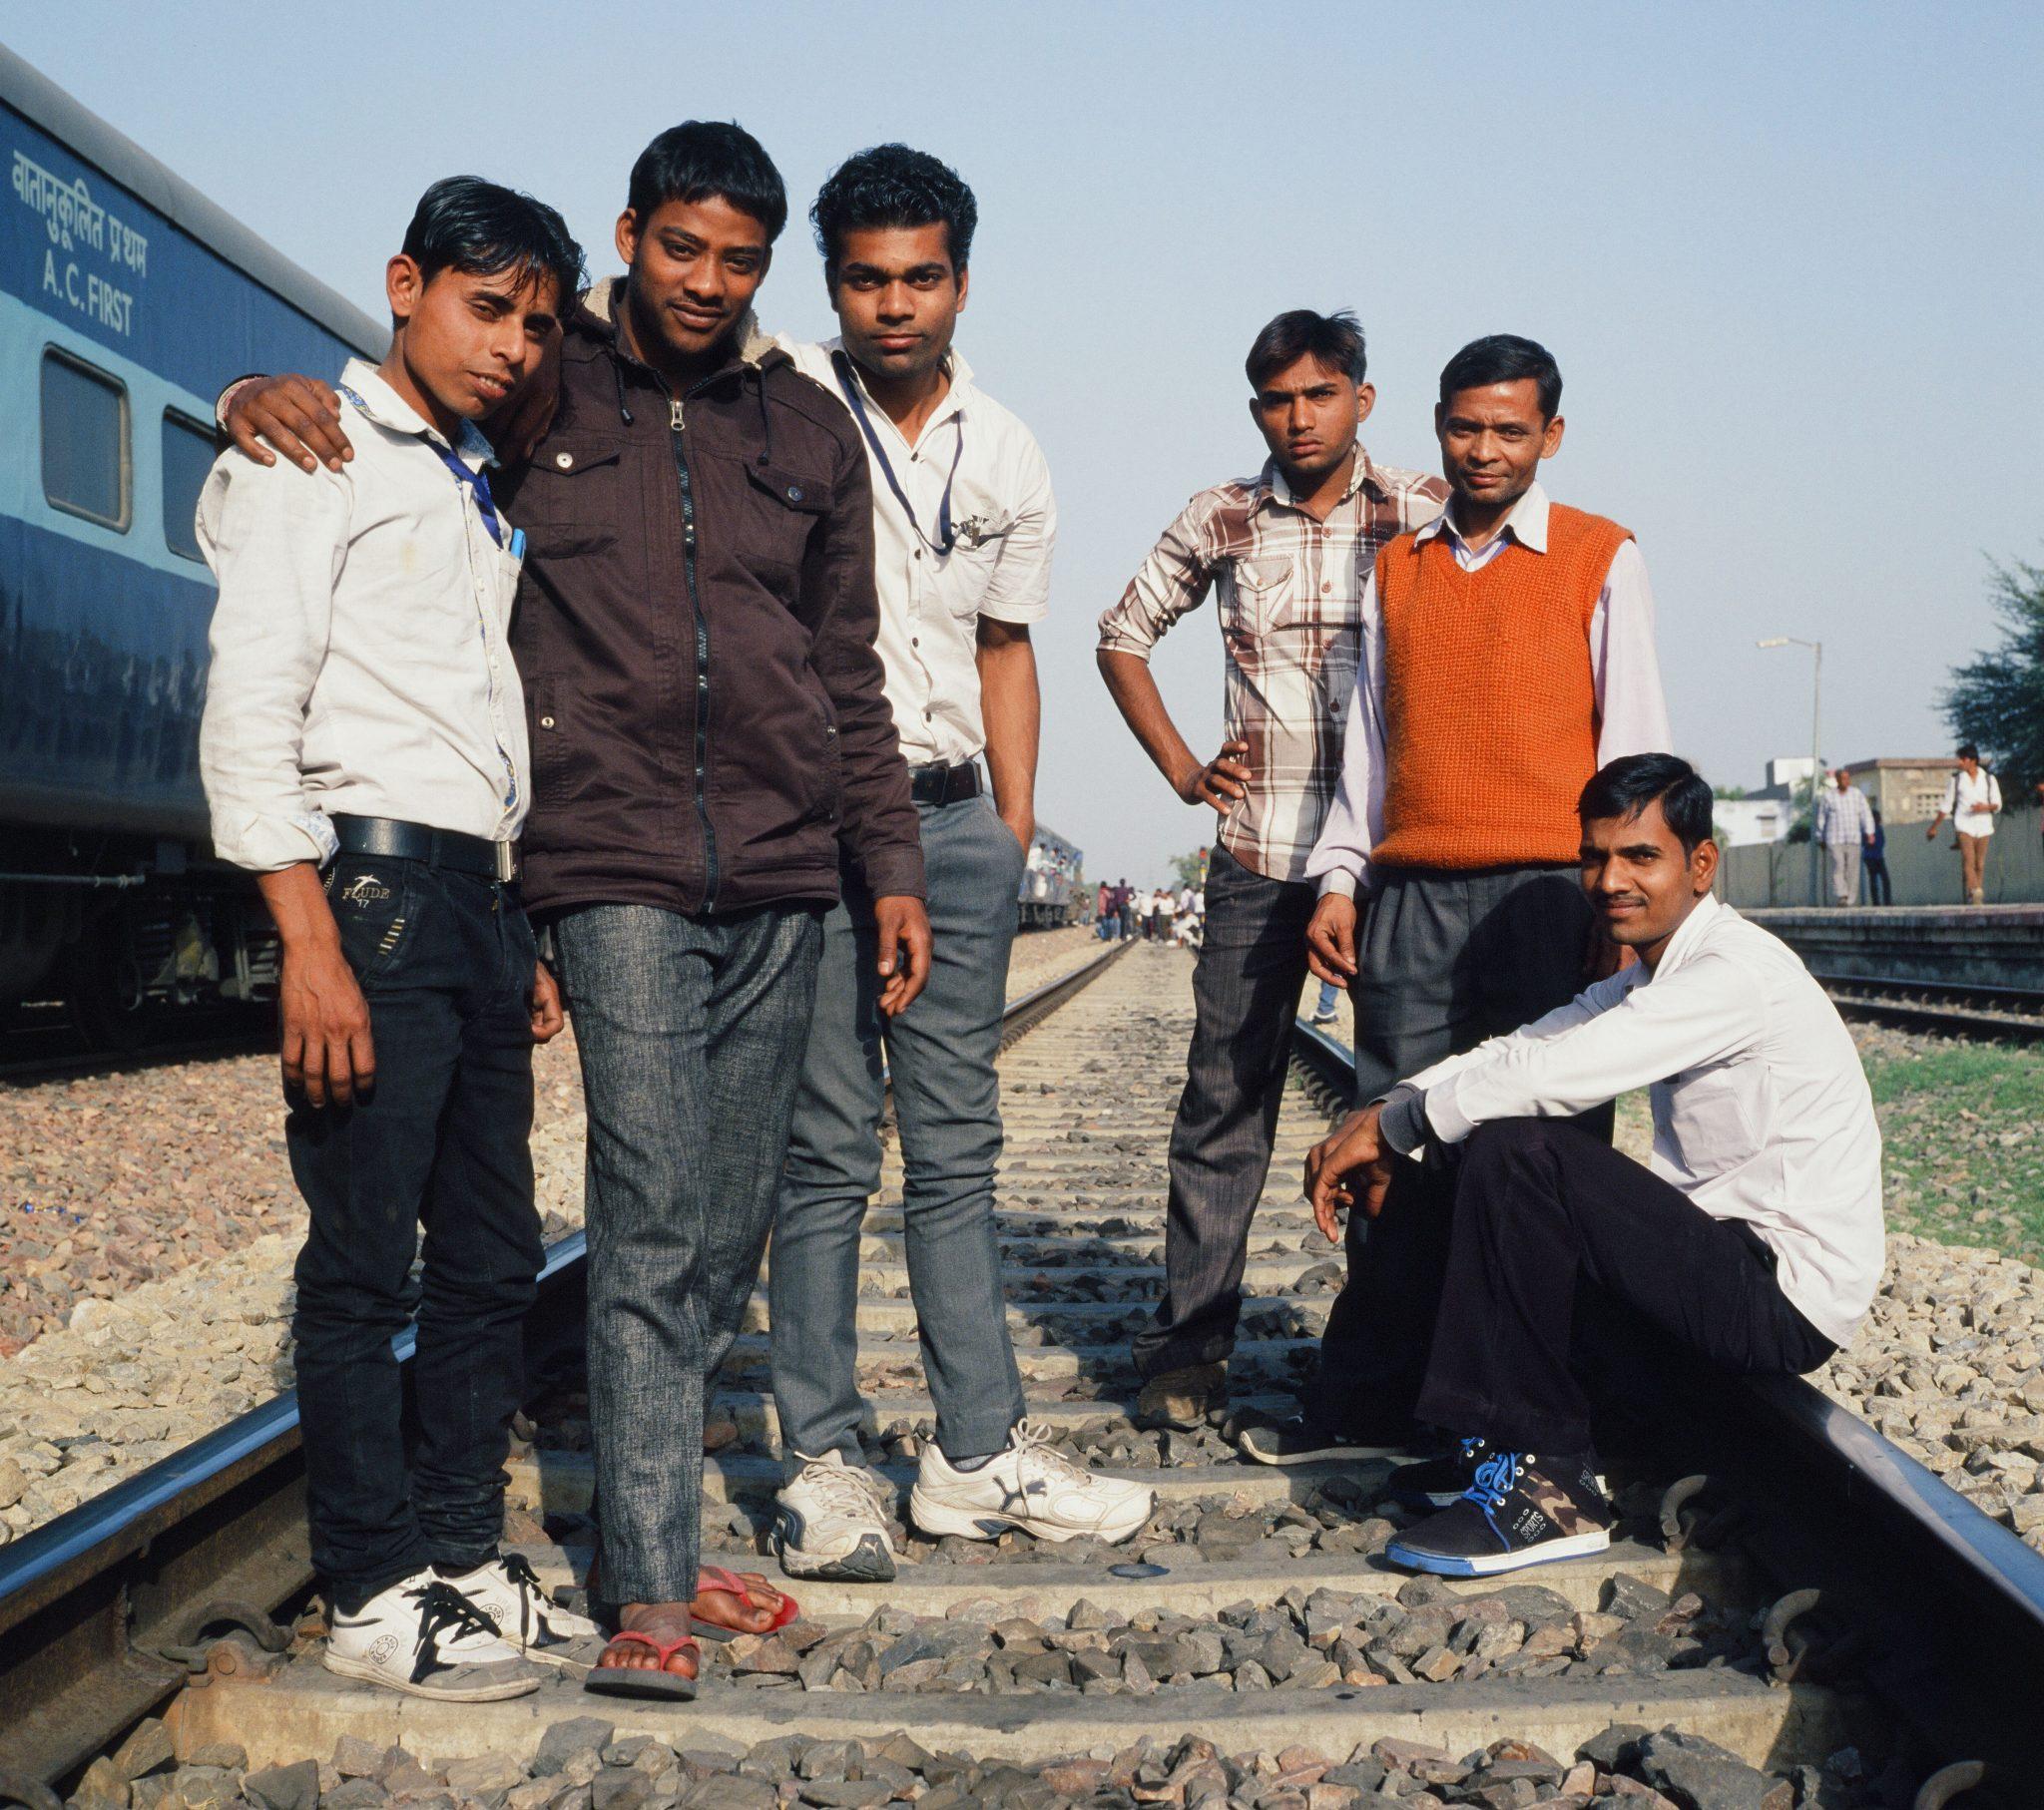 Men on the Tracks